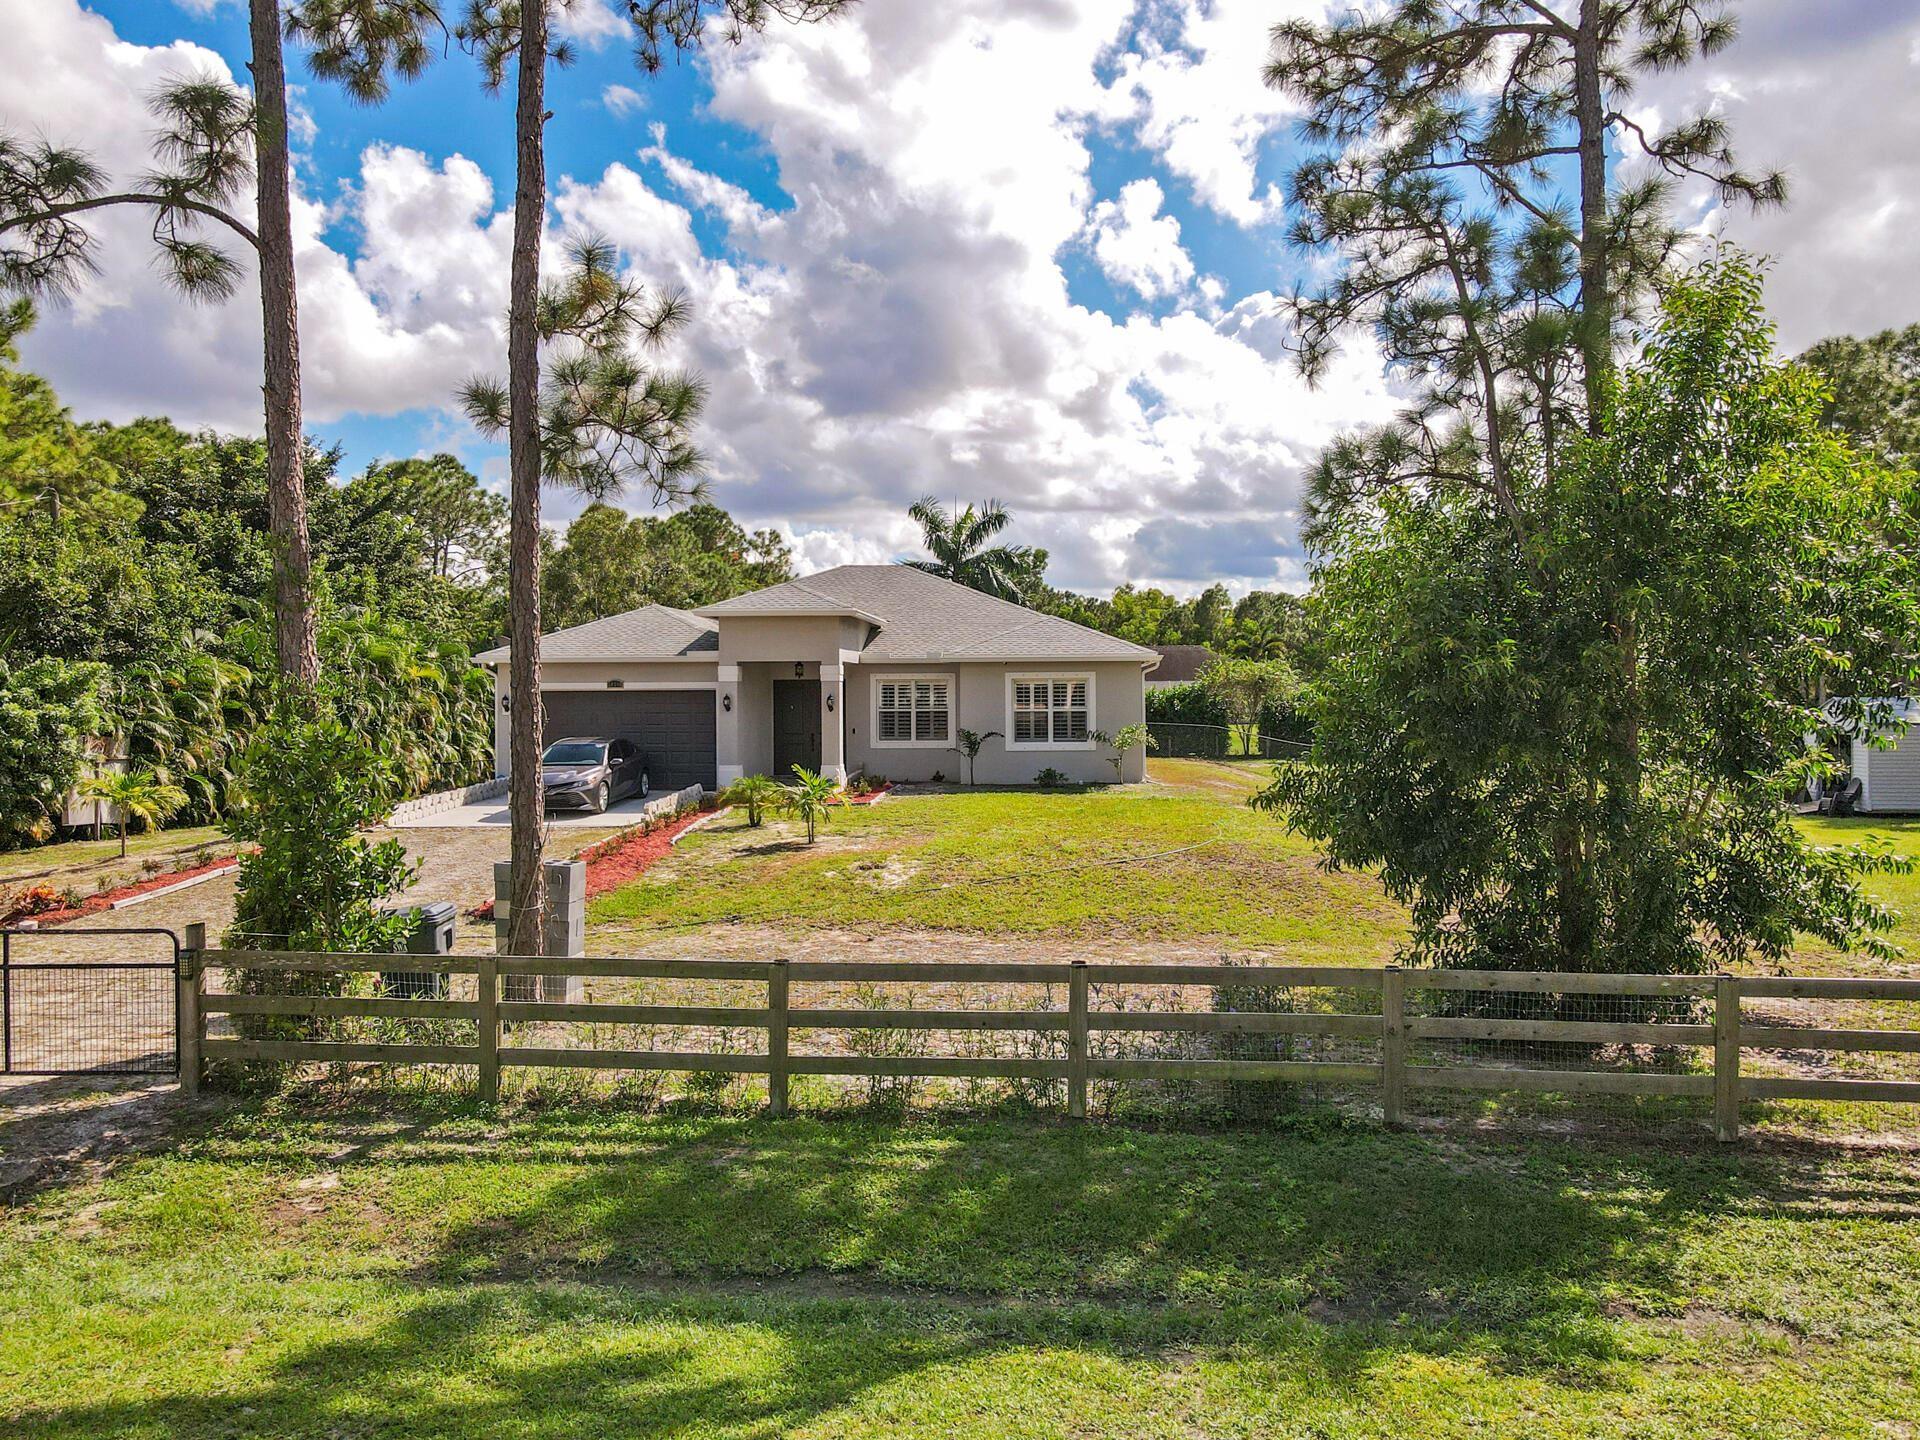 18310 42nd Road N, Loxahatchee Groves, FL 33470 - #: RX-10753631